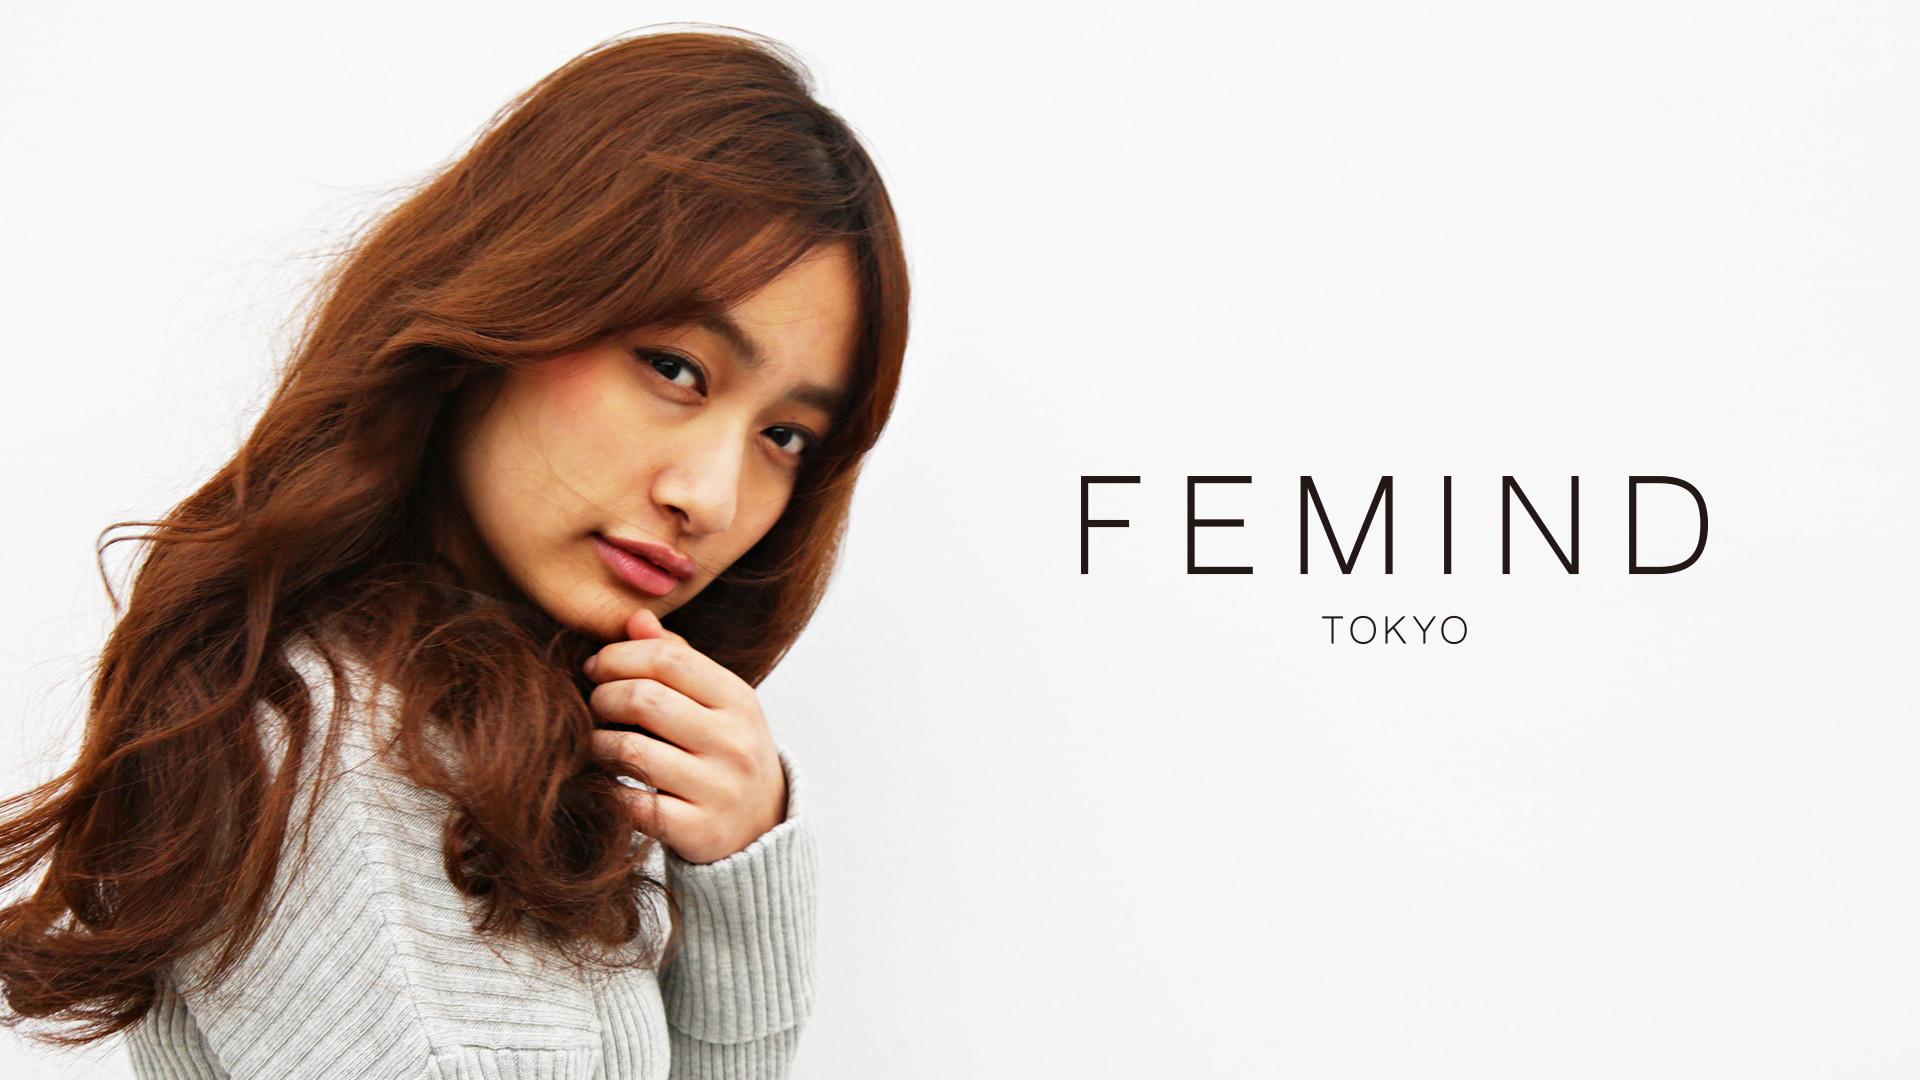 「FEMIND TOKYO」が導くミニマルスタイル〜pick up brand #2〜